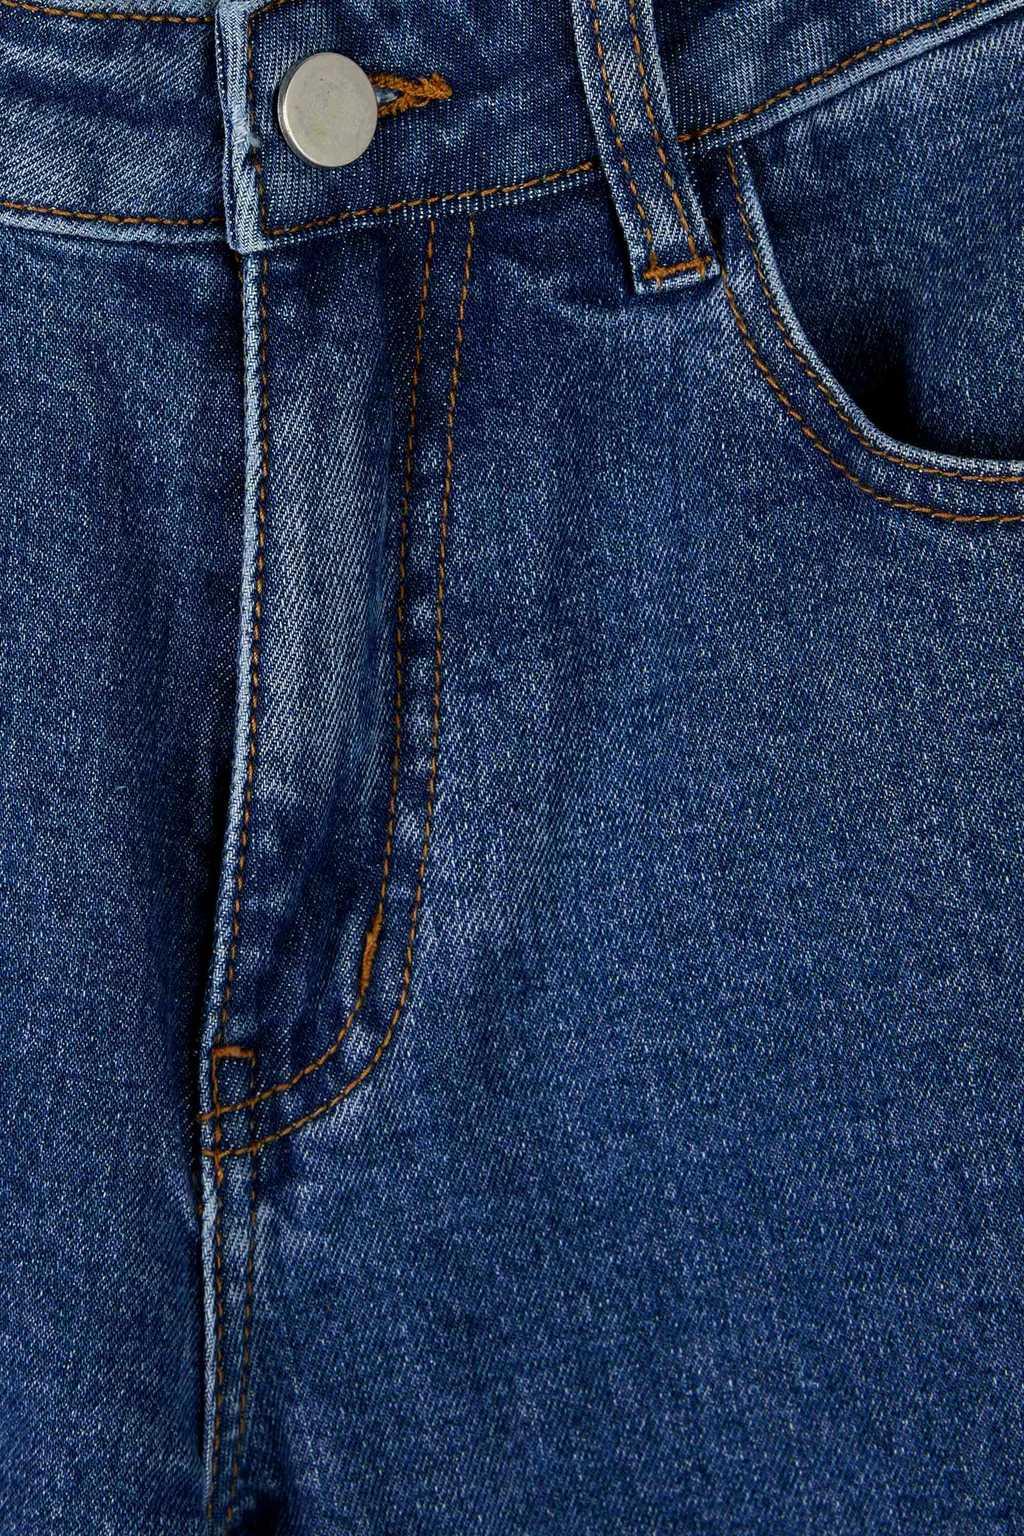 Jean 3620 Blue 9